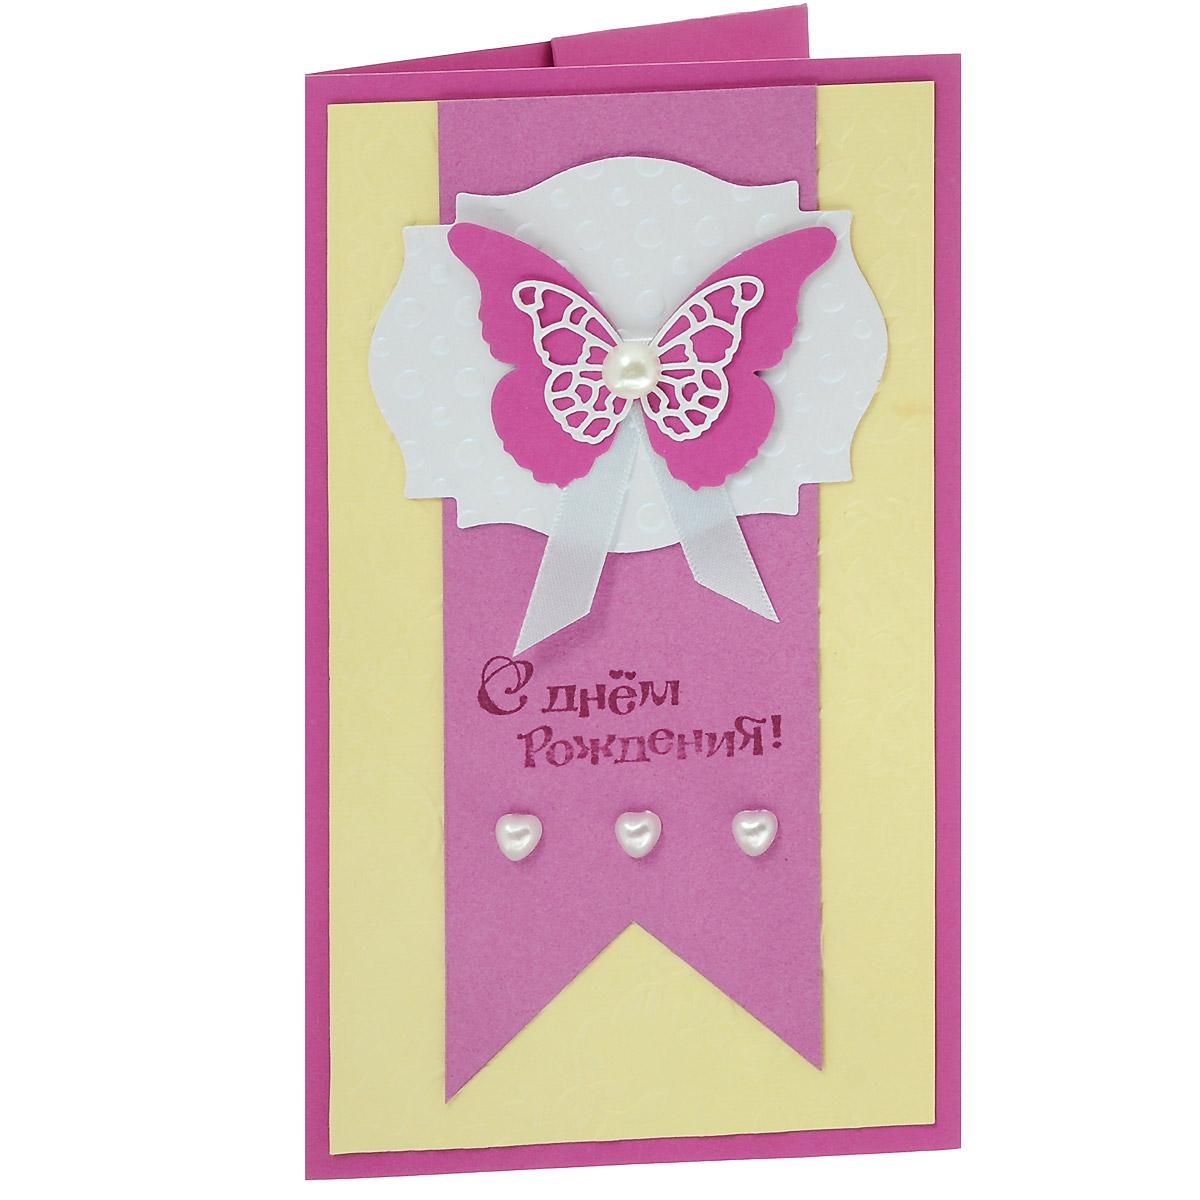 ОЖ-0015 Открытка-конверт «С Днём Рождения!» (бабочка на фрейме). Студия «Тётя Роза»il-18Характеристики: Размер 19 см x 11 см.Материал: Высоко-художественный картон, бумага, декор. Данная открытка может стать как прекрасным дополнением к вашему подарку, так и самостоятельным подарком. Так как открытка является и конвертом, в который вы можете вложить ваш денежный подарок или просто написать ваши пожелания на вкладыше. Яркая поздравительная открытка собрана с использованием разнофактурных слоев бумаги сиренево-розовых и нежно-желтых цветов. Ажурная бабочка на изящной табличке декорирована жемчужной полубусинкой. Три объемных сердечка в нижней части довершают композицию. Также открытка упакована в пакетик для сохранности.Обращаем Ваше внимание на то, что открытка может незначительно отличаться от представленной на фото.Открытки ручной работы от студии Тётя Роза отличаются своим неповторимым и ярким стилем. Каждая уникальна и выполнена вручную мастерами студии. (Открытка для мужчин, открытка для женщины, открытка на день рождения, открытка с днем свадьбы, открытка винтаж, открытка с юбилеем, открытка на все случаи, скрапбукинг)